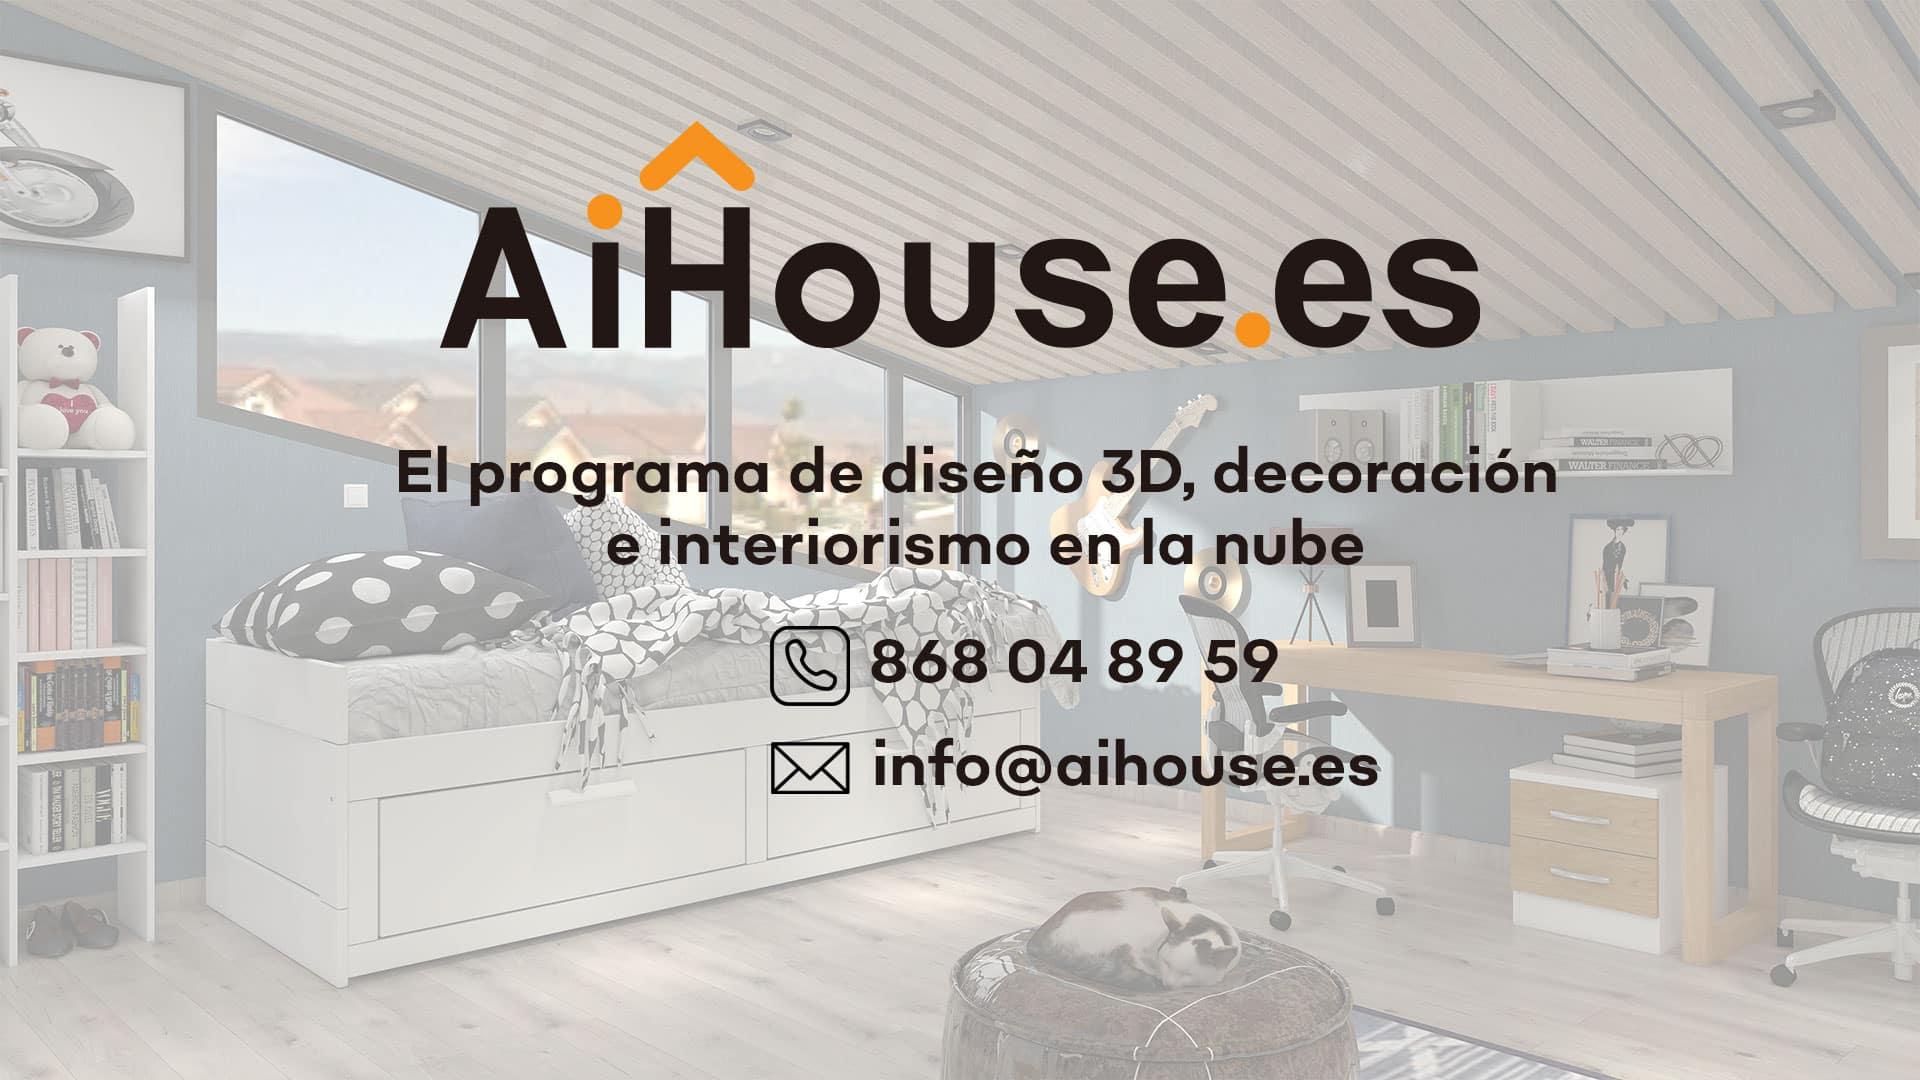 AiHouse el programa para diseñar casas